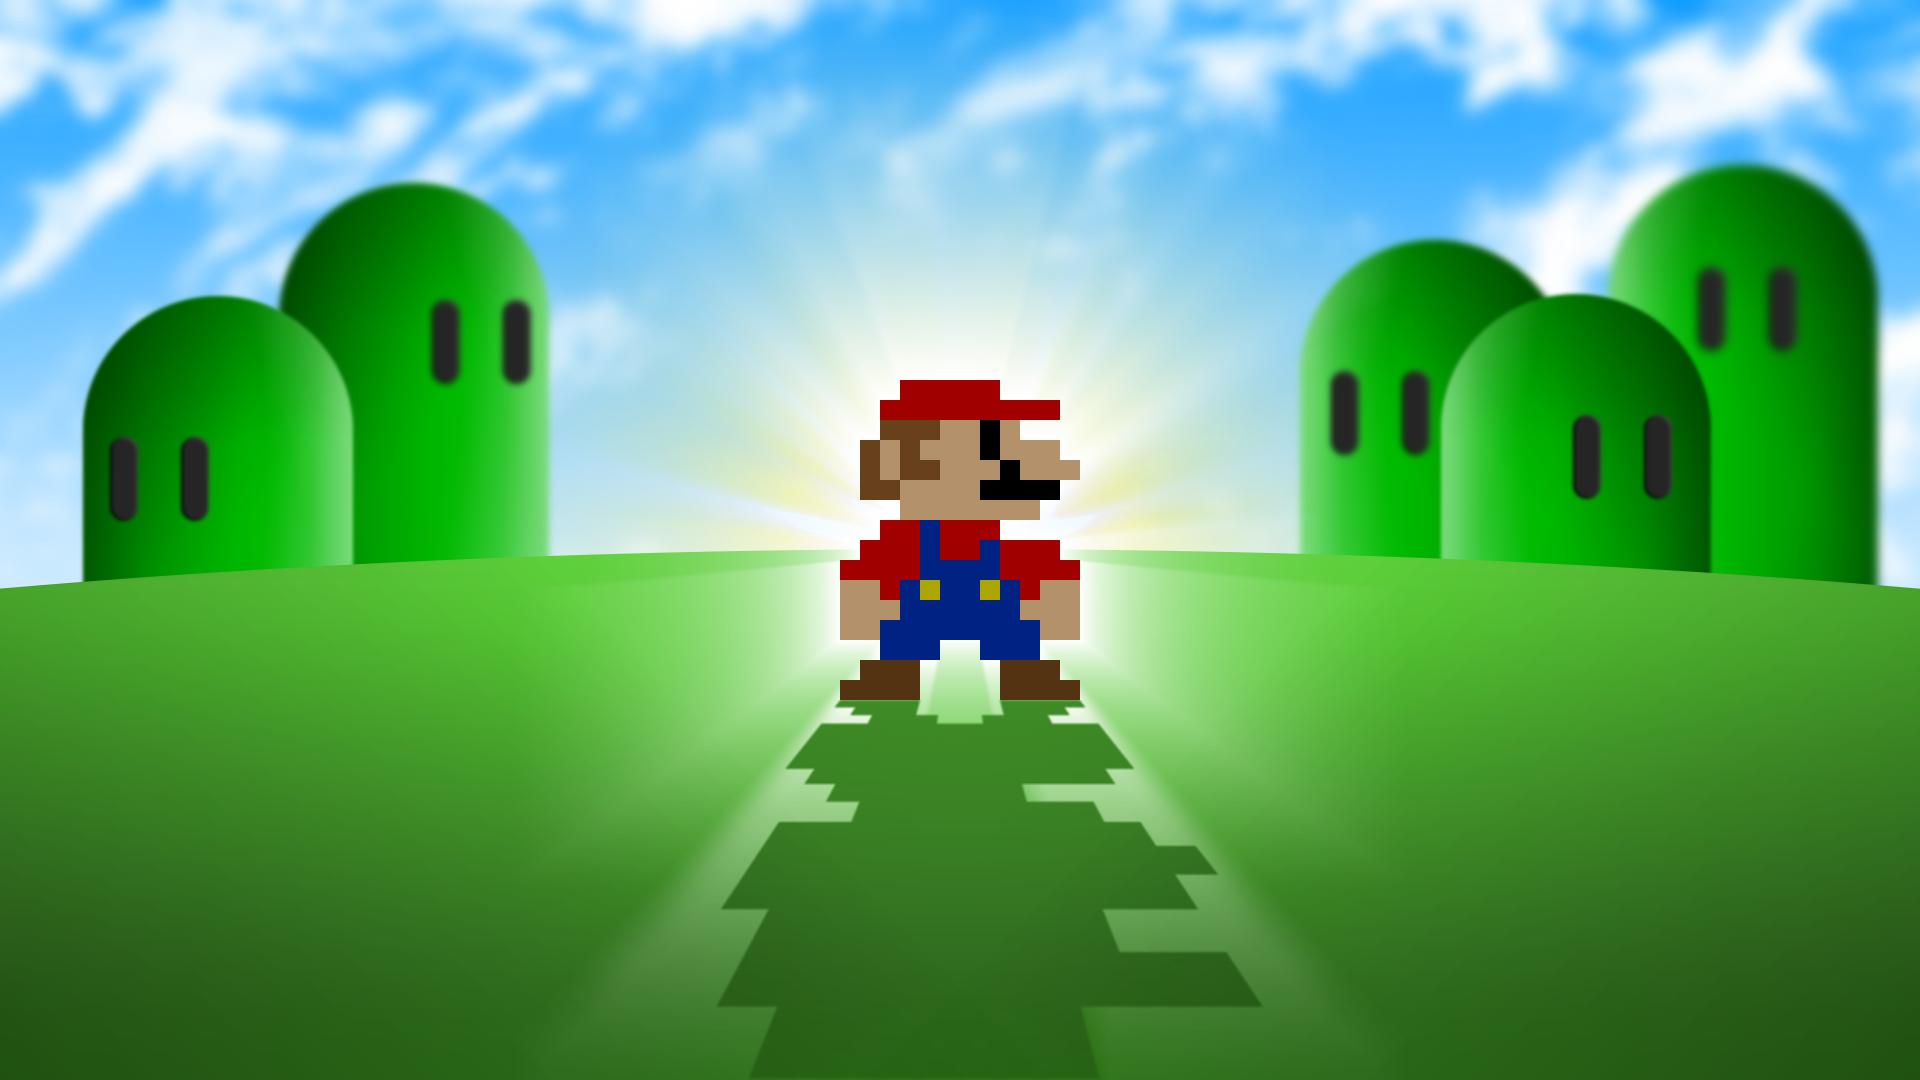 Mario Hd Wallpaper By Fidumppi On Deviantart